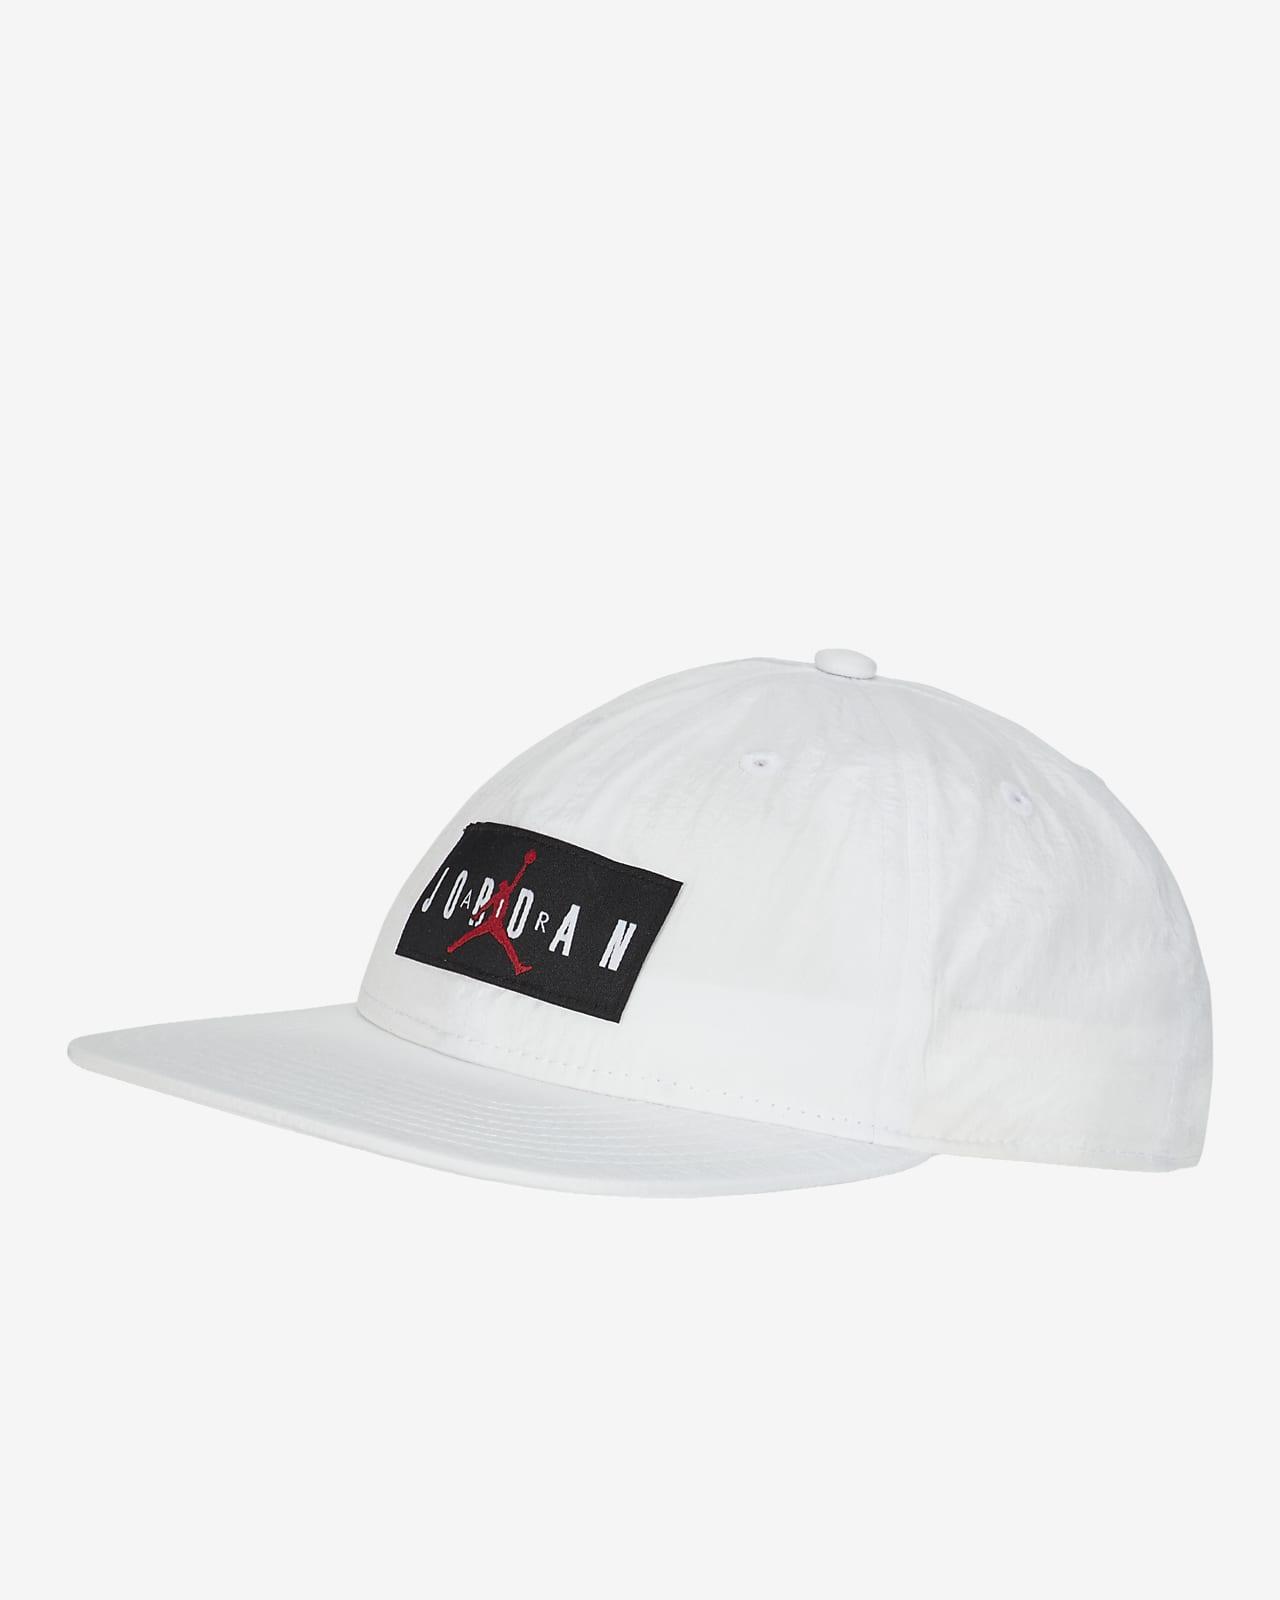 Air Jordan Big Kids' Adjustable Hat